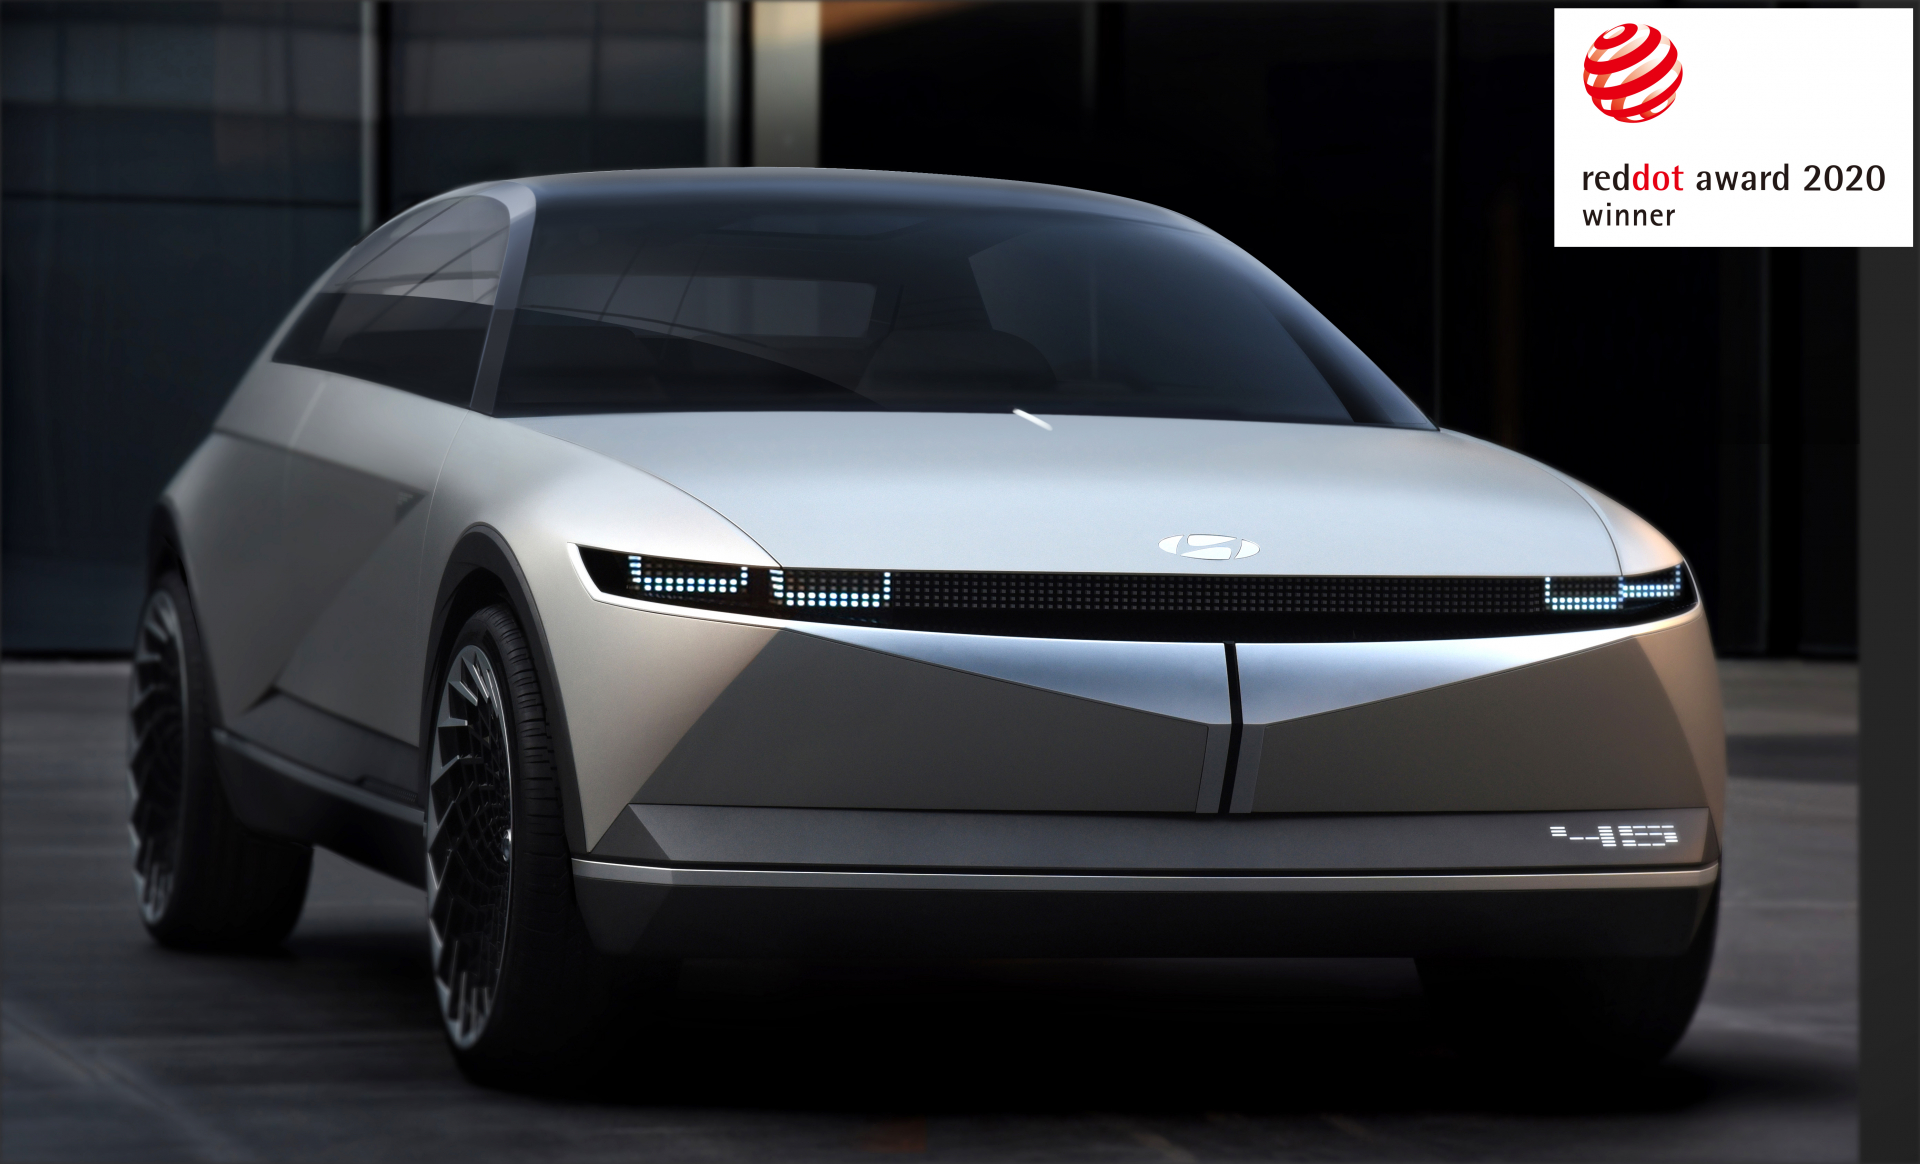 Компанія Hyundai Motor отримала три нагороди Red Dot Award 2020 за концептуальний дизайн | Автопланета - фото 9